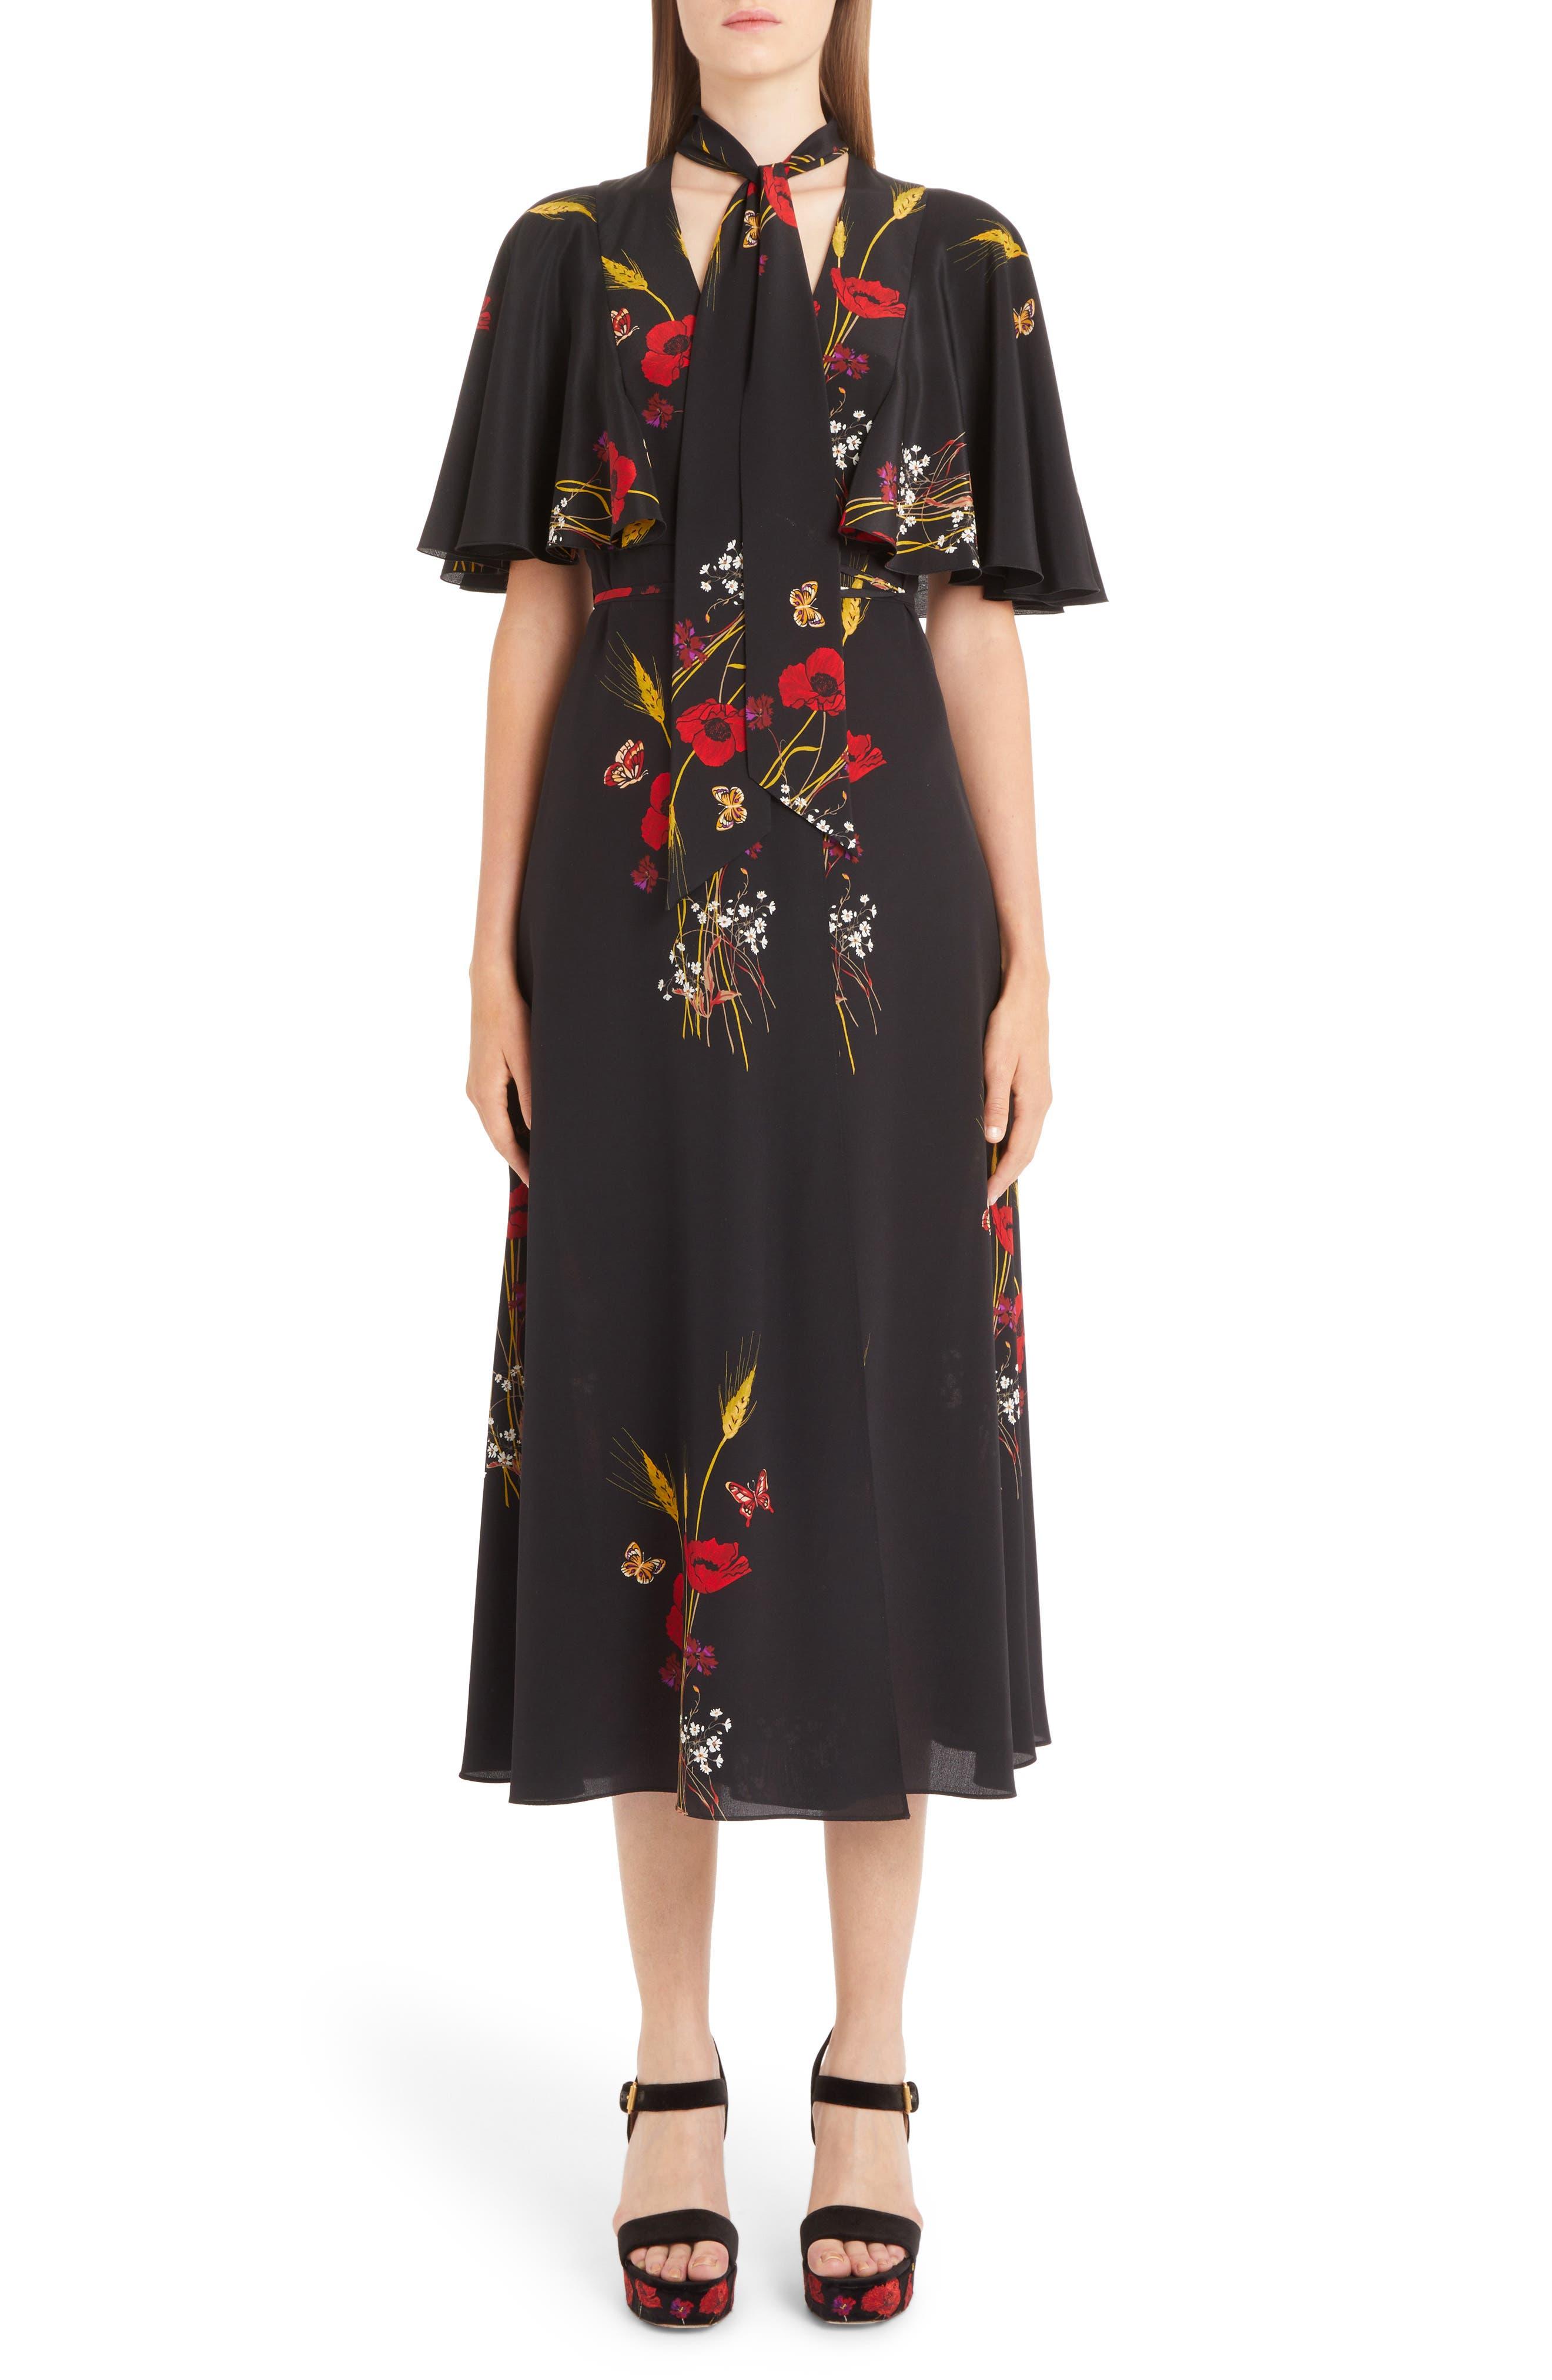 Floral Meadow Print Crêpe de Chine Faux Wrap Dress,                             Main thumbnail 1, color,                             BLACK/ MULTI COLOR